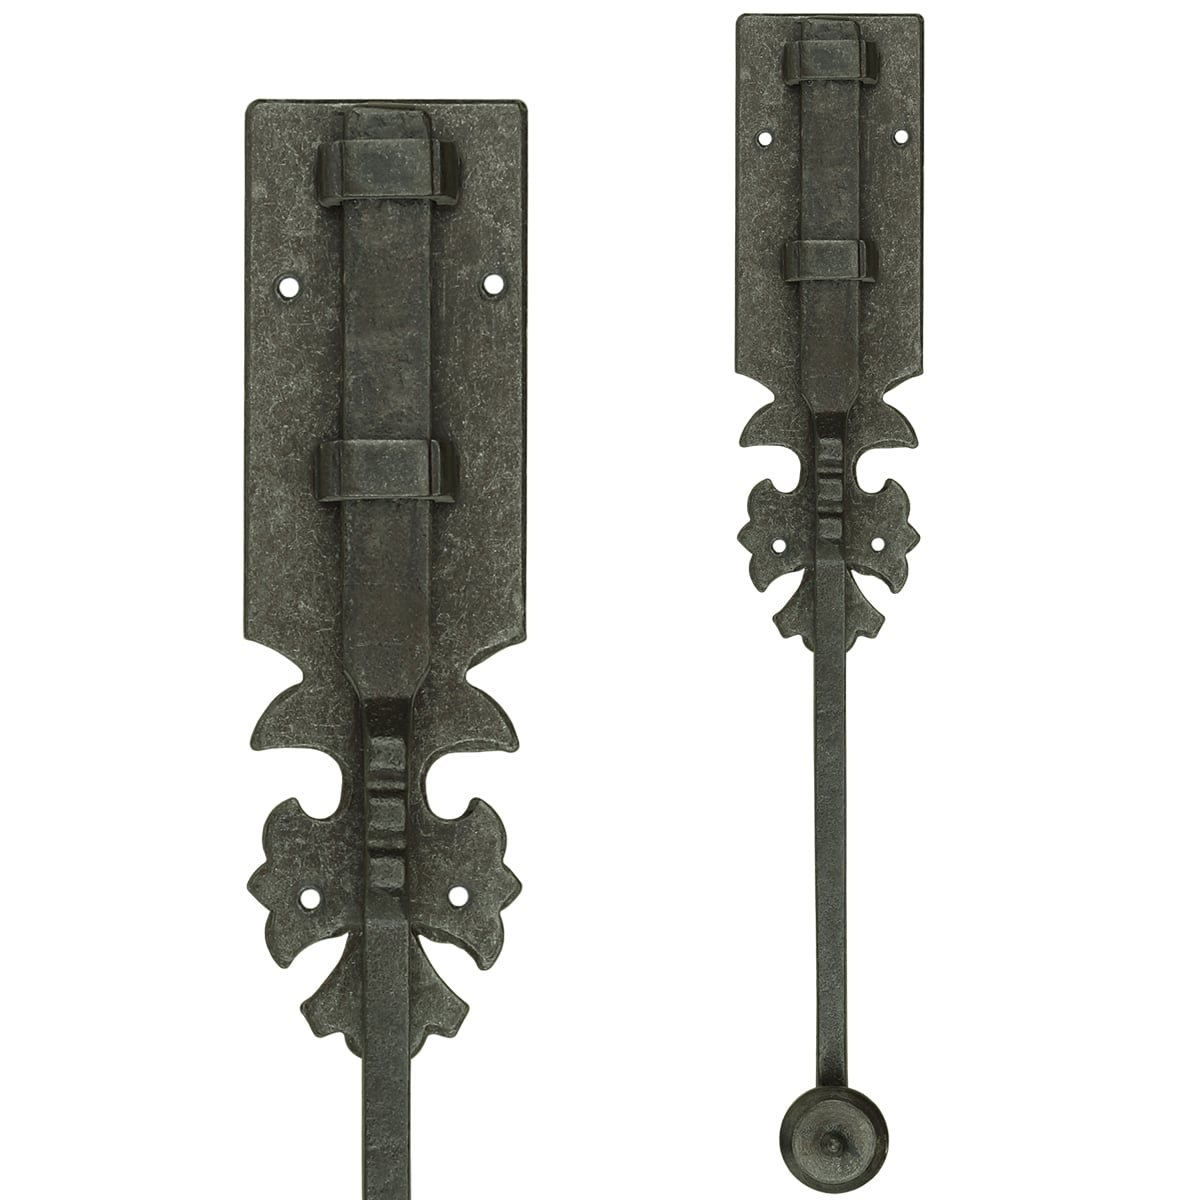 Türbeschläge Türschlösser Türriegel aufbau mit schlossplatte - 400 mm